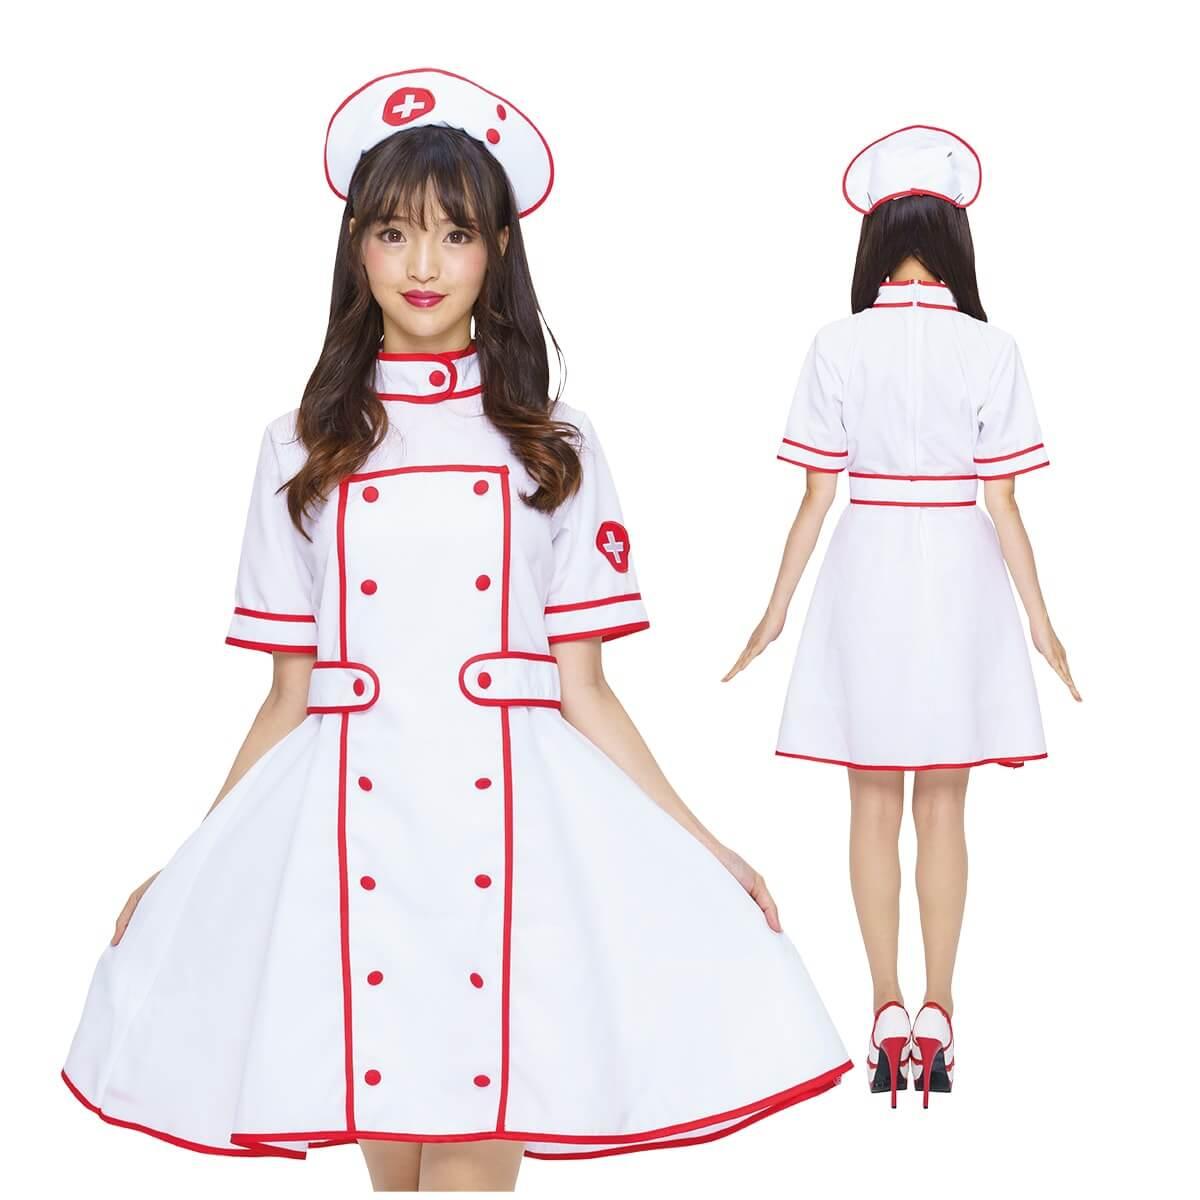 PUREネット通販で購入可能な白衣の衣装